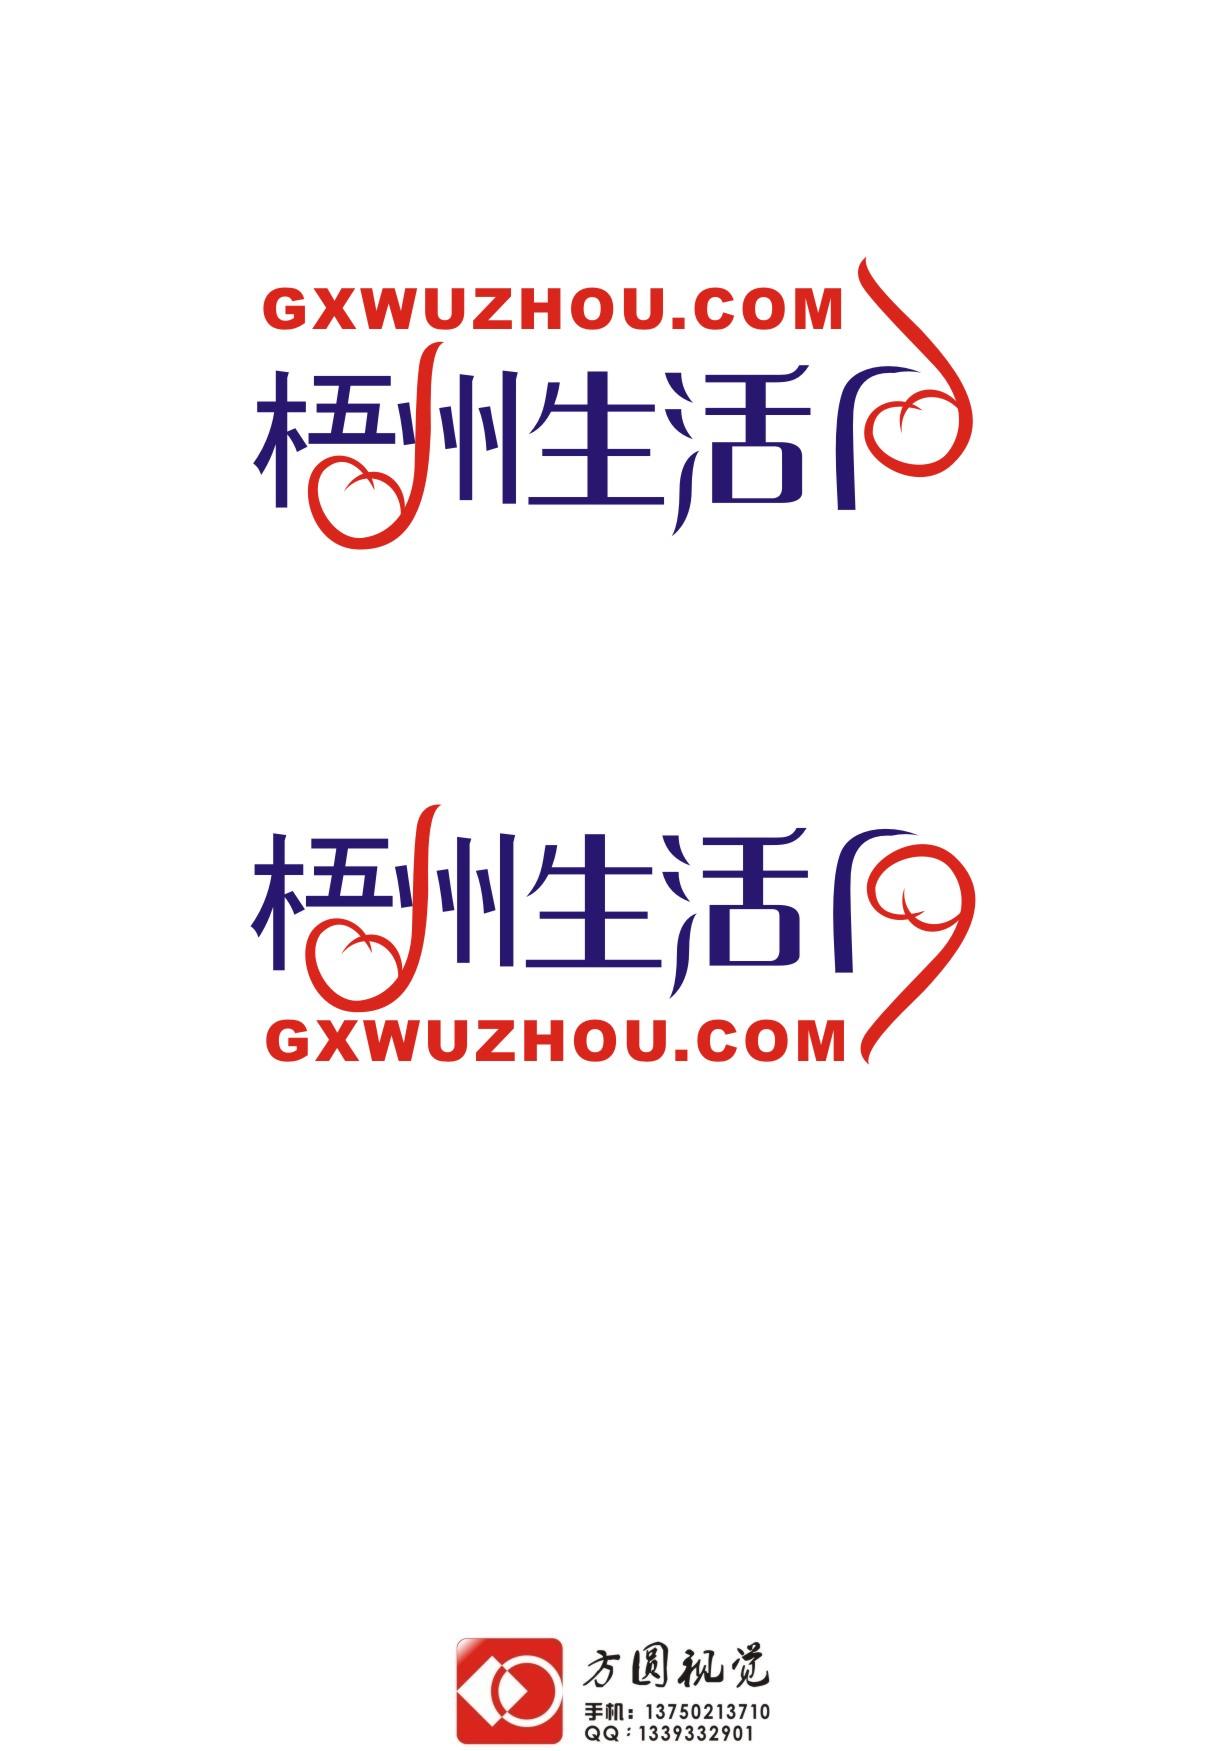 """网站logo为纯文字设计,就是""""梧州生活网"""""""